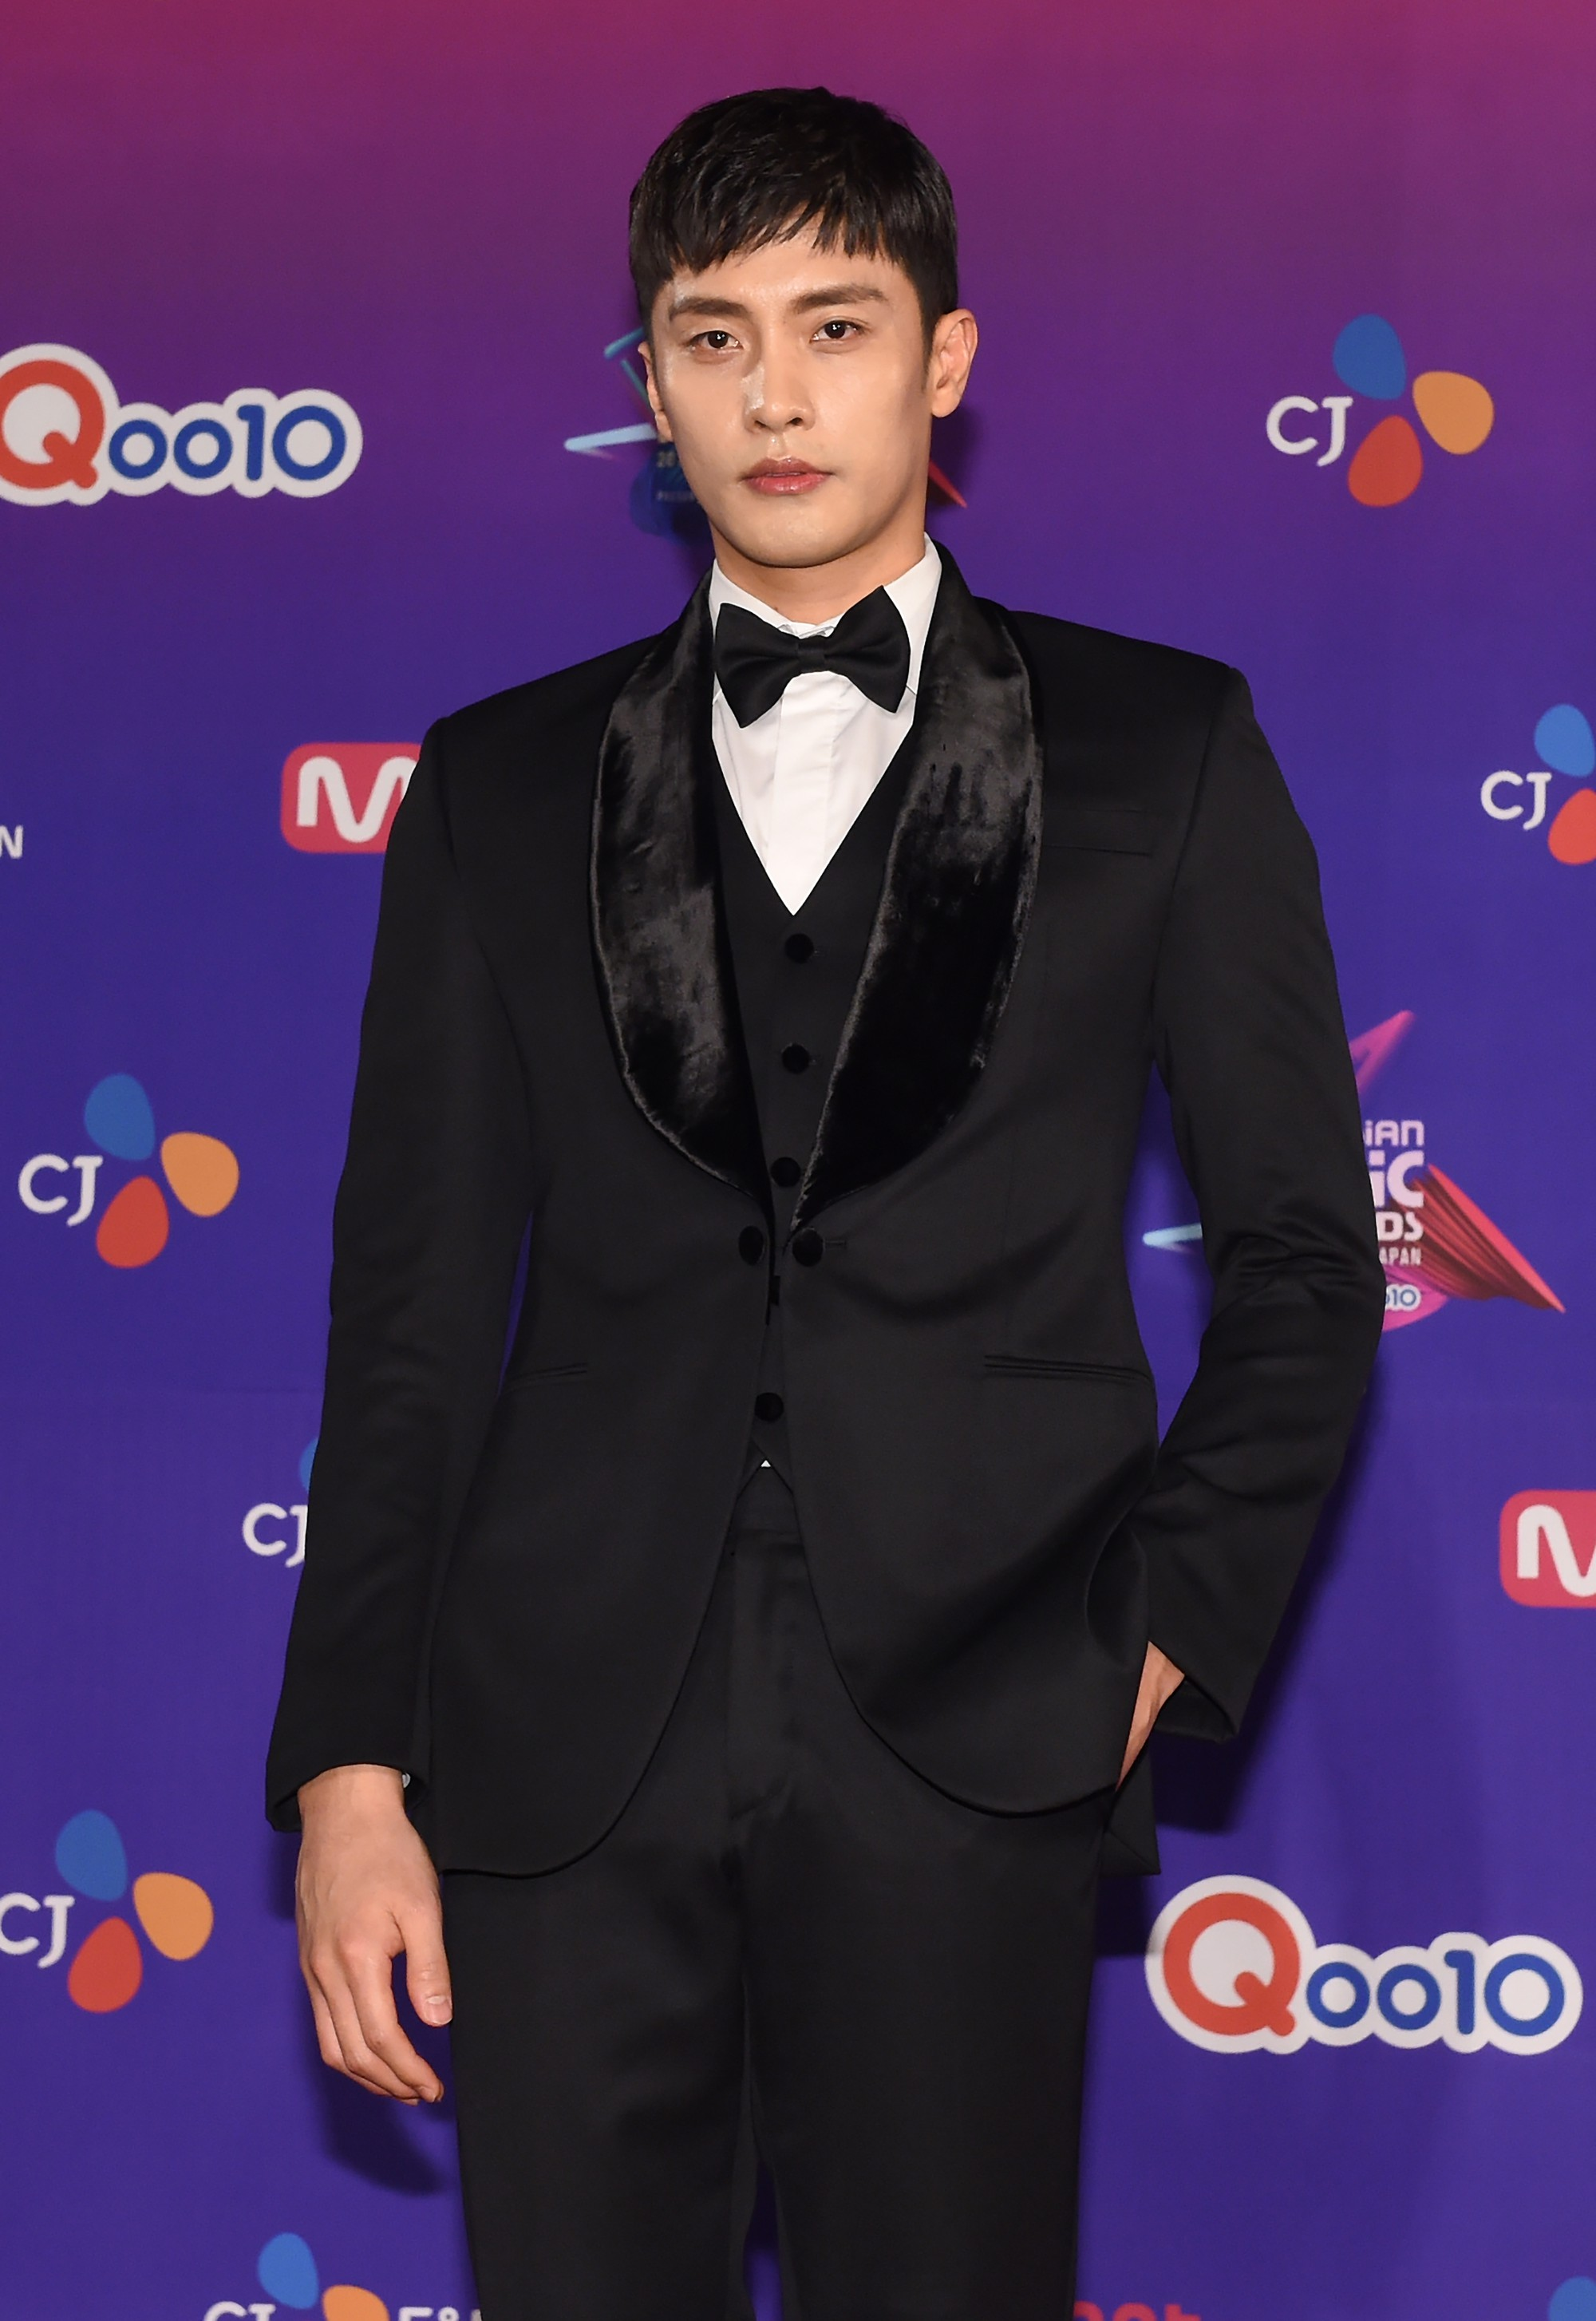 Thảm đỏ MAMA Nhật: Park Bo Gum và dàn mỹ nam Wanna One, EXO chiếm trọn sự chú ý, Kim So Hyun đọ sắc TWICE - Ảnh 41.